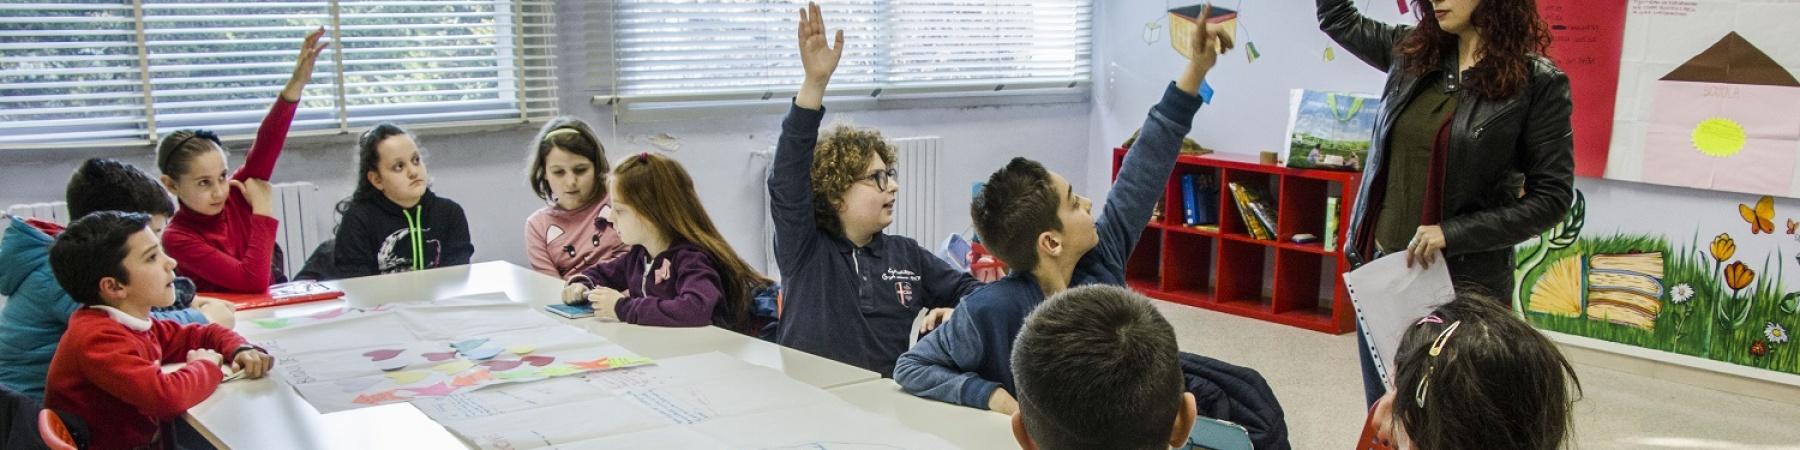 una decina di bambini seduti a un banco di scuola alzano la mano alla domanda della maestra